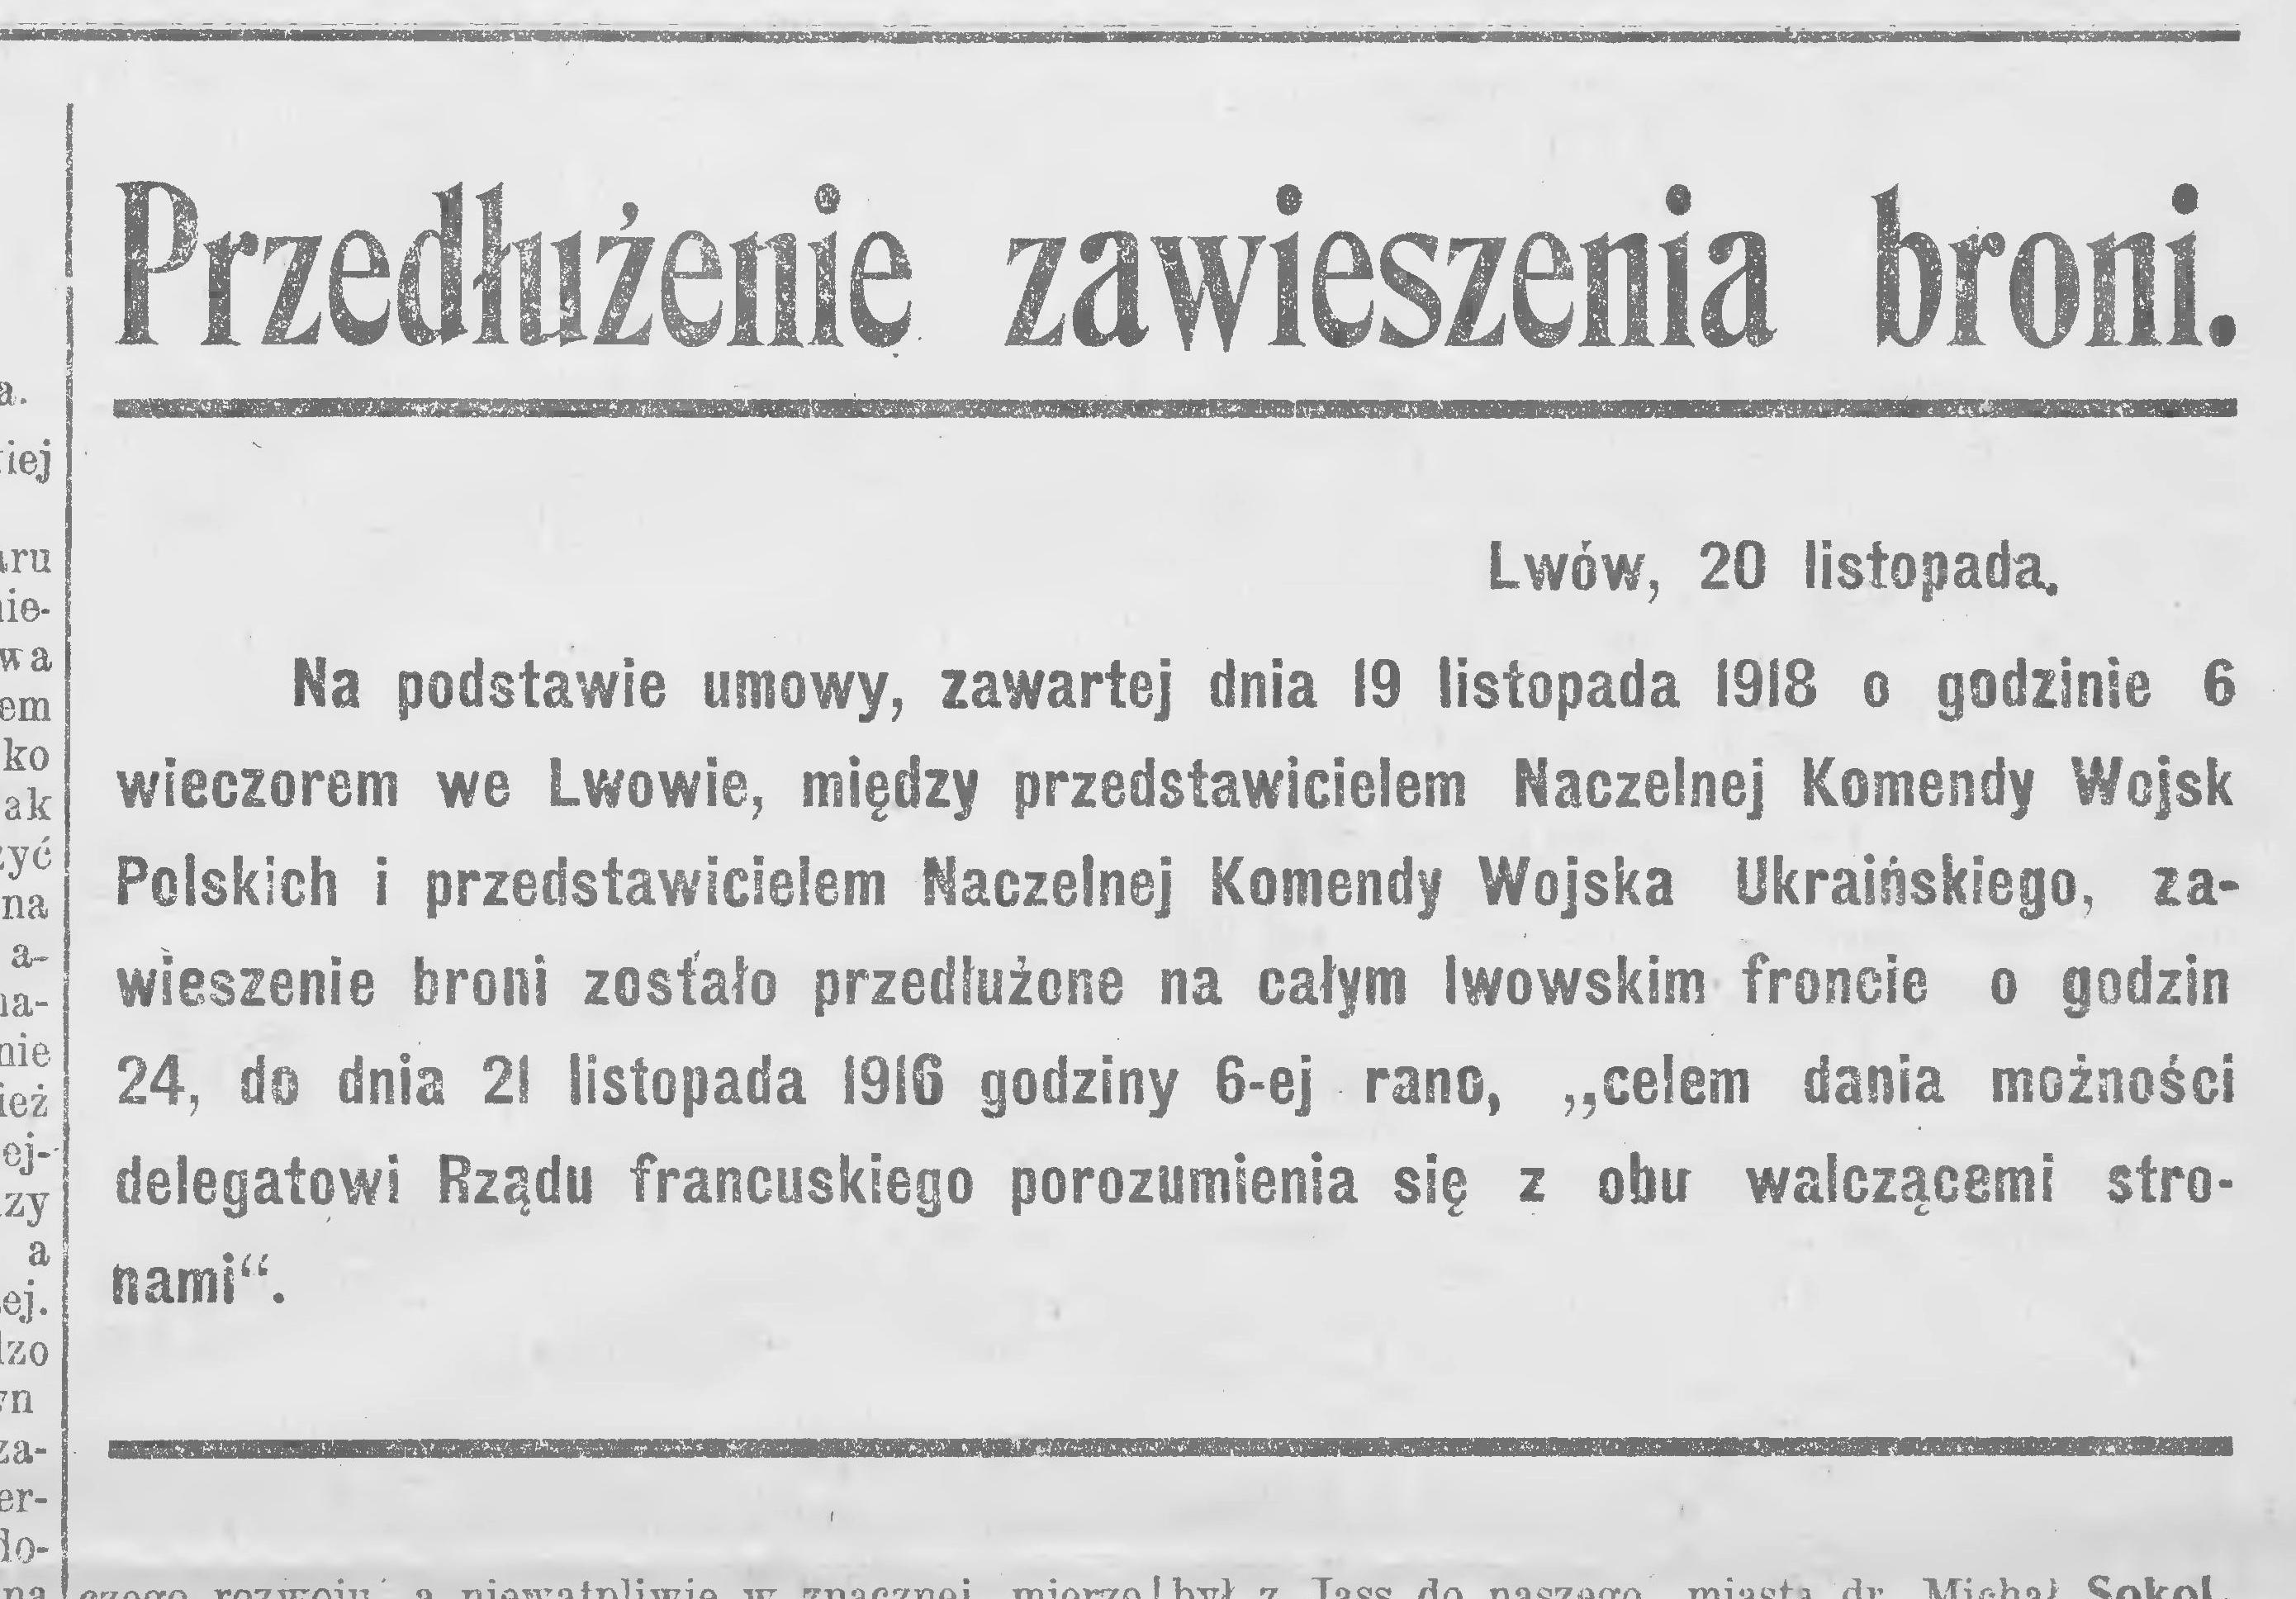 """Повідомлення у газеті """"Pobudka"""" від 20 листопада 1918 року про умови продовження перемир'я"""